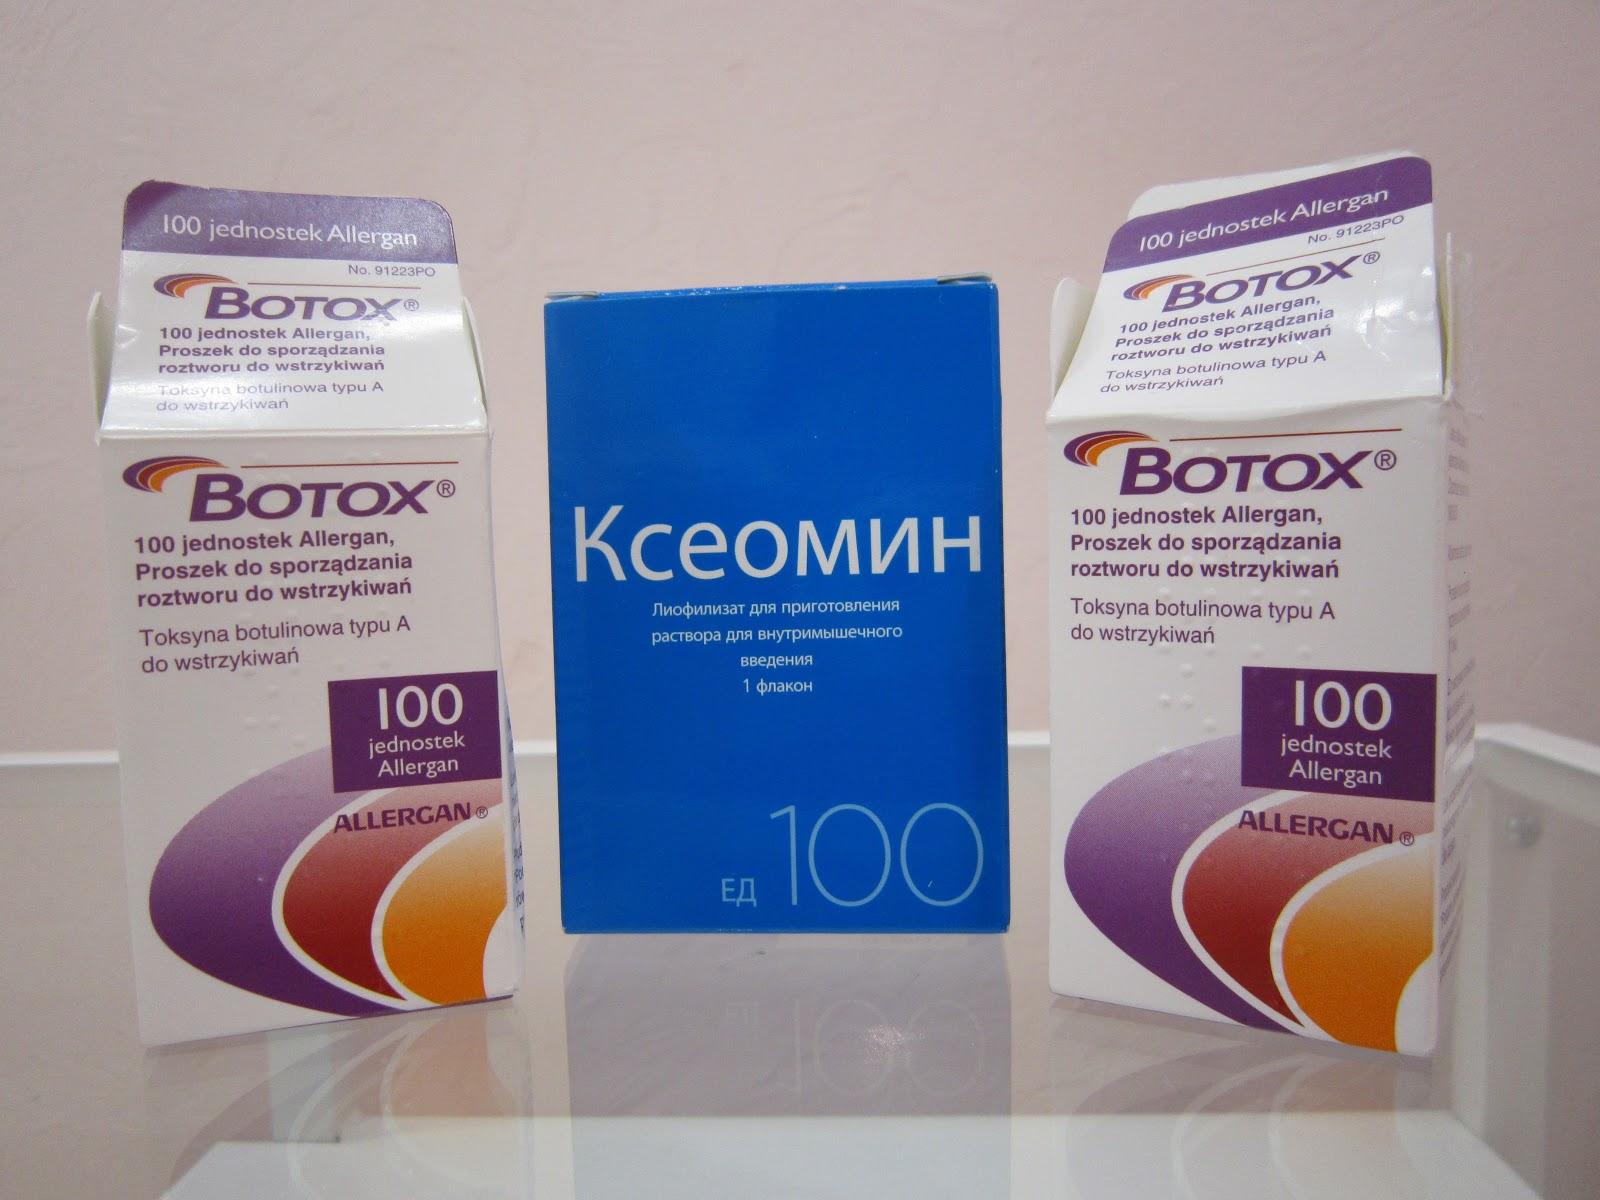 http://tvoe-lichiko.ru/wp-content/uploads/2017/04/Botox-Kseomin.jpg